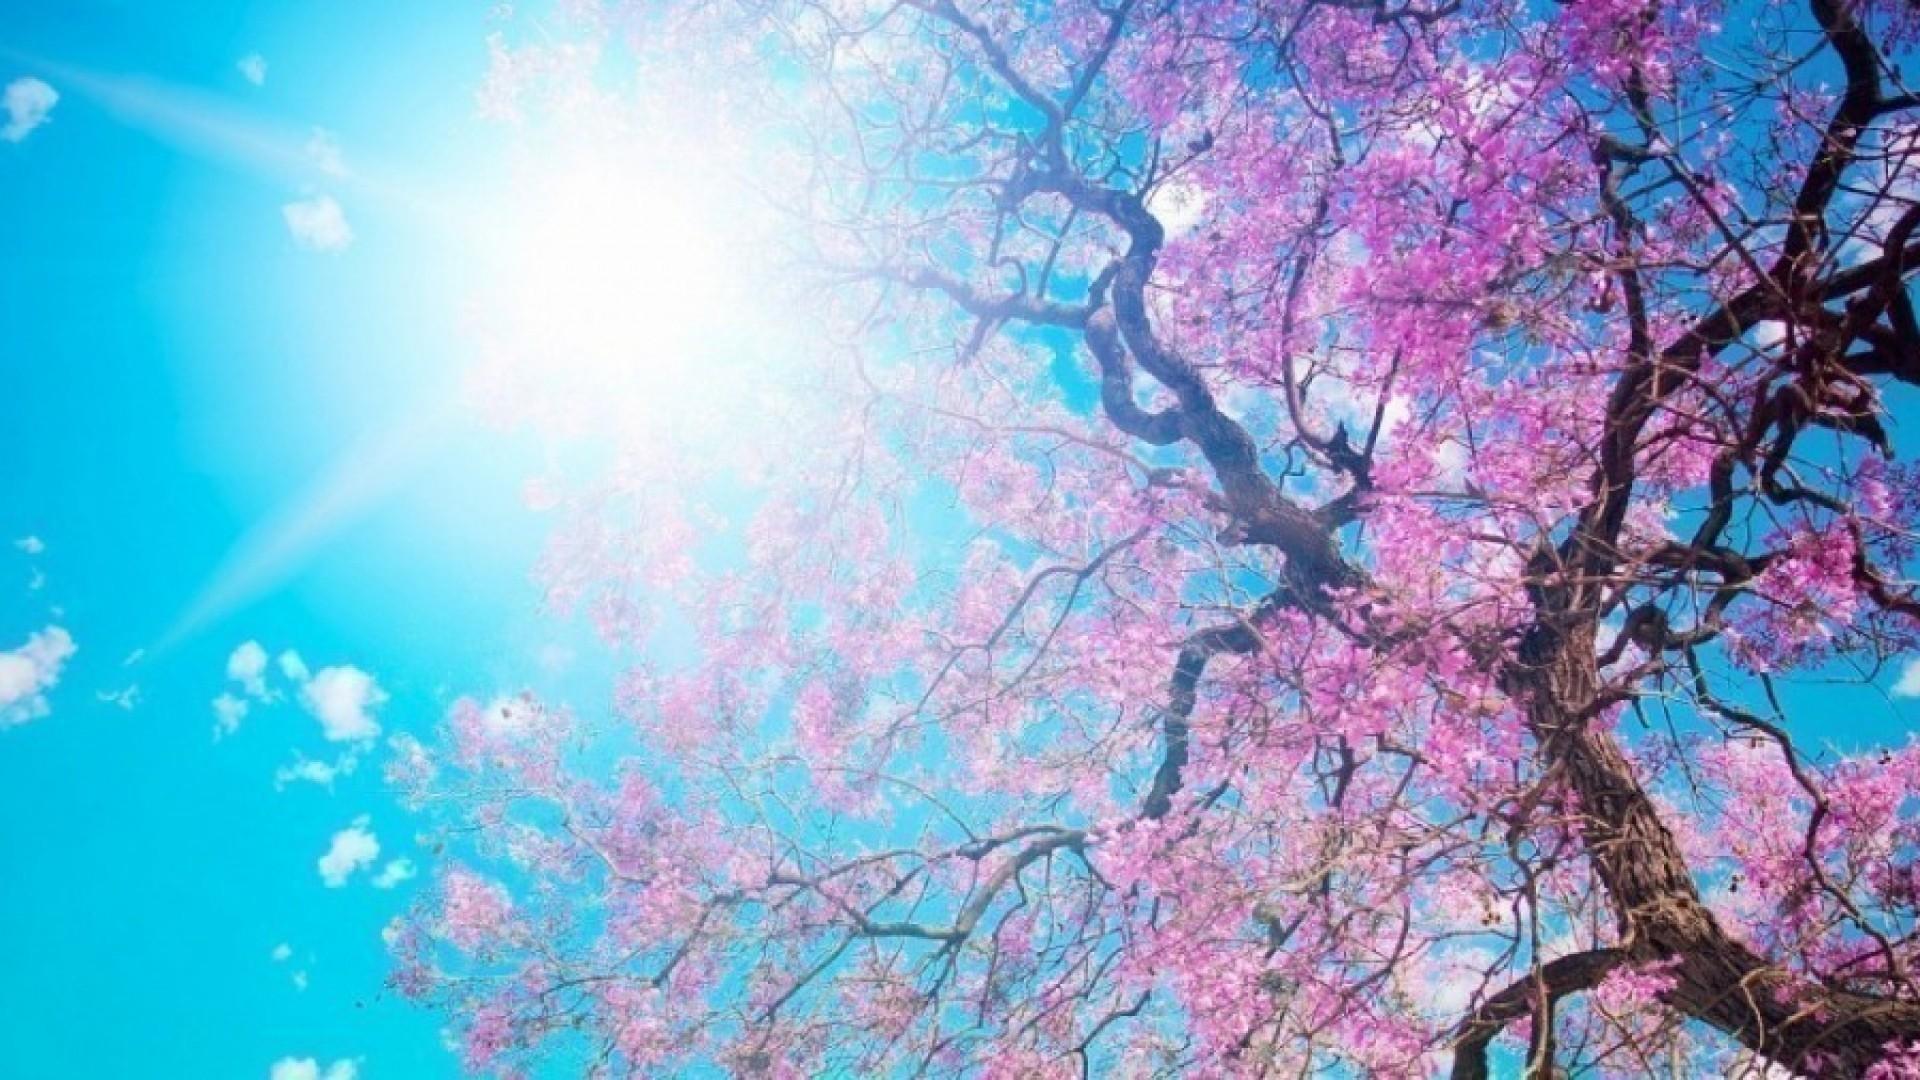 Пробуждаемся: слушаем 7 песен этой весны